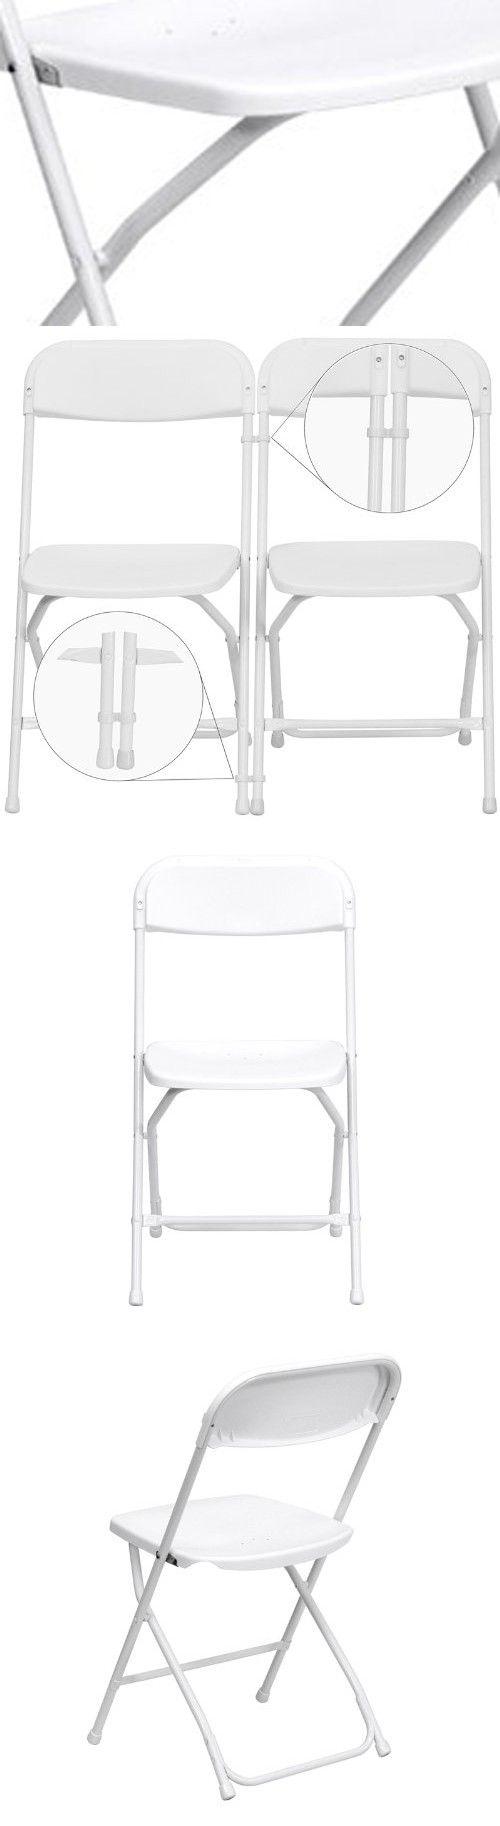 flash furniture 10 pk hercules series 800 lb capacity premium